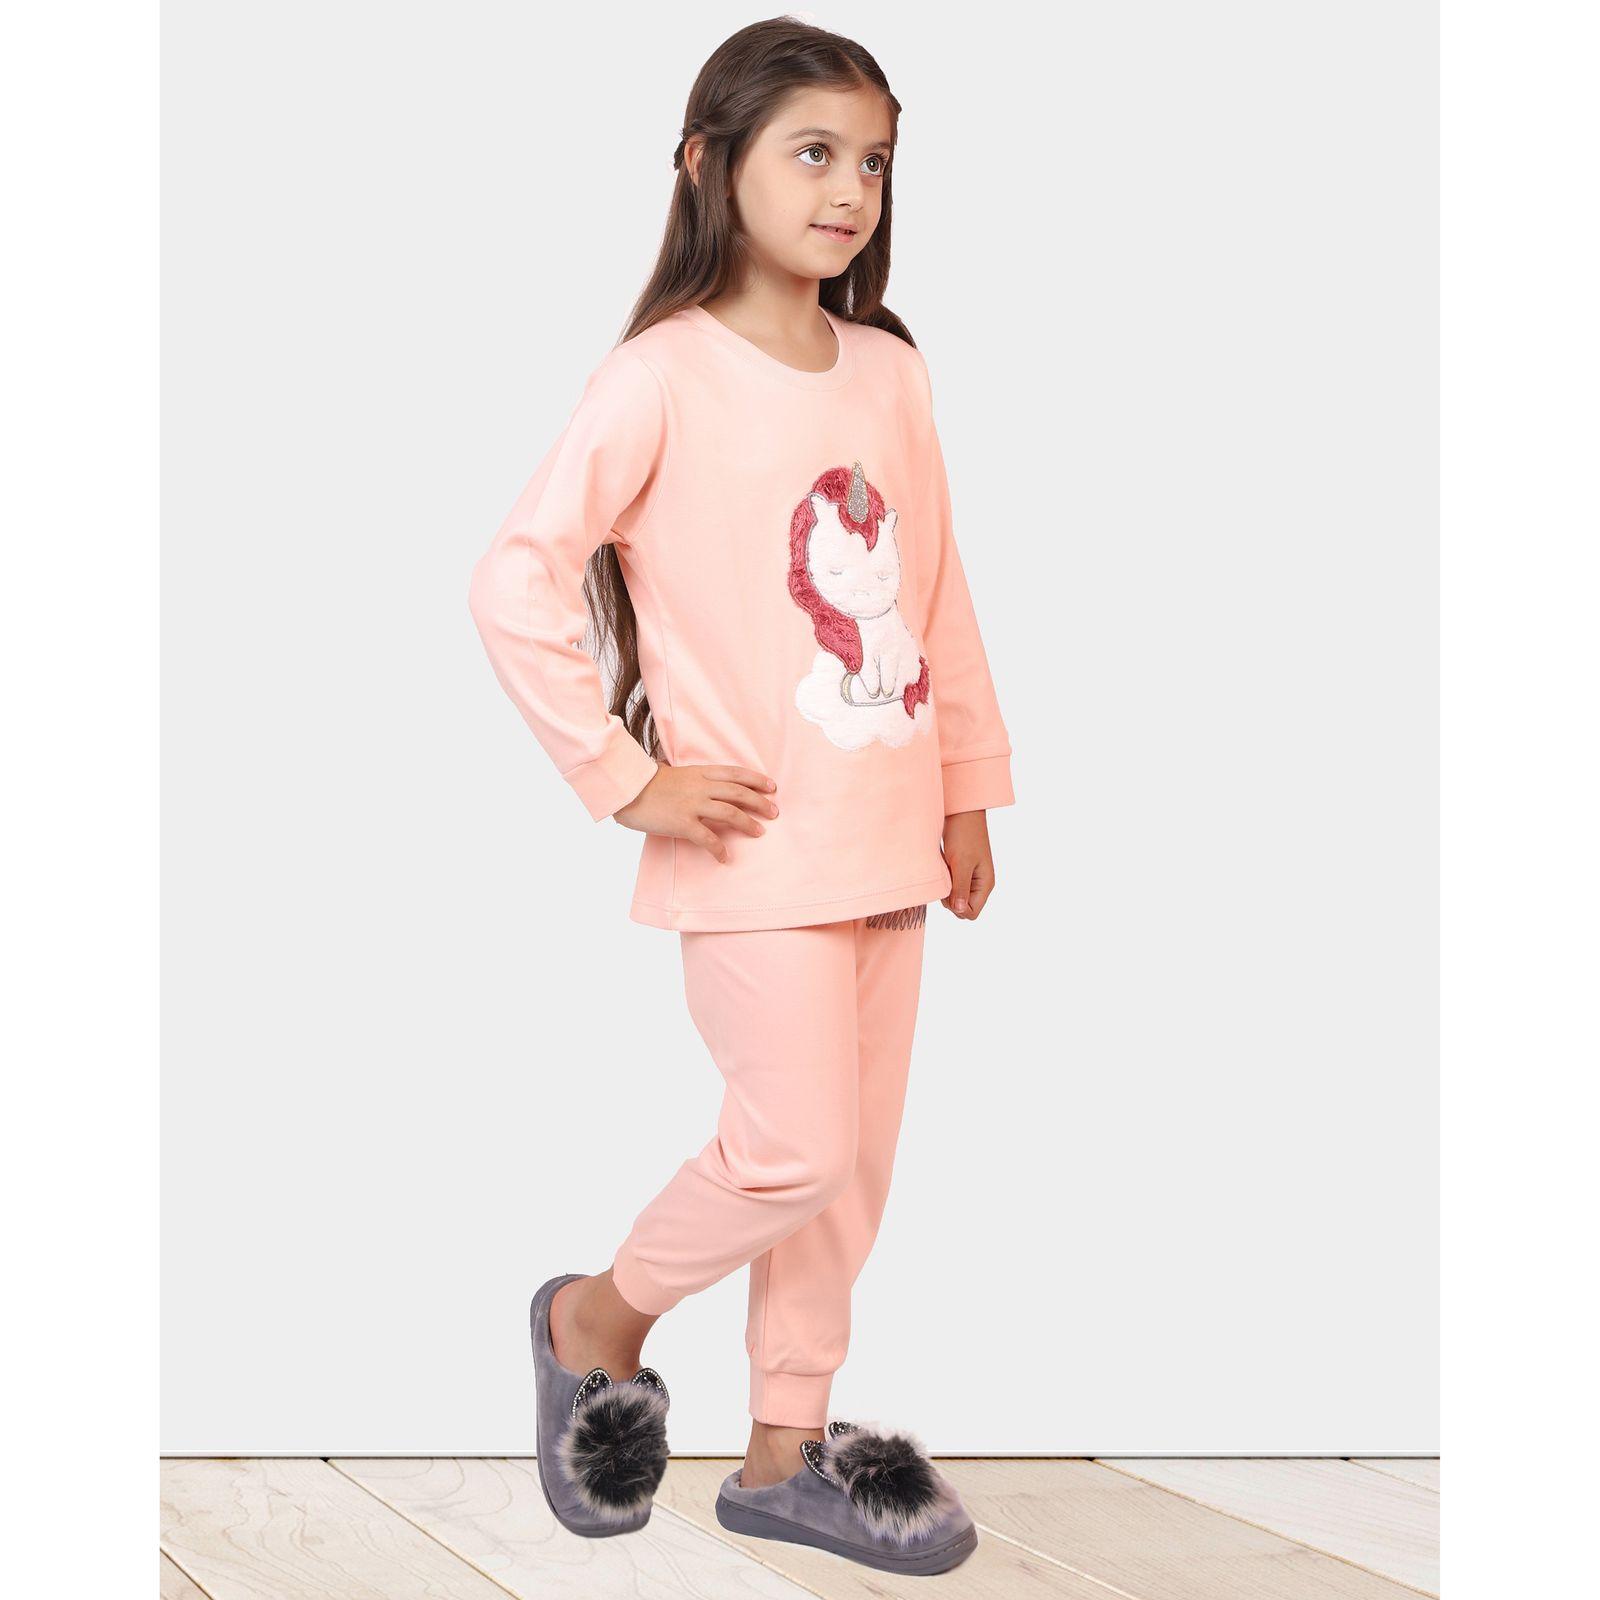 ست تی شرت و شلوار دخترانه مادر مدل 303-80 main 1 11